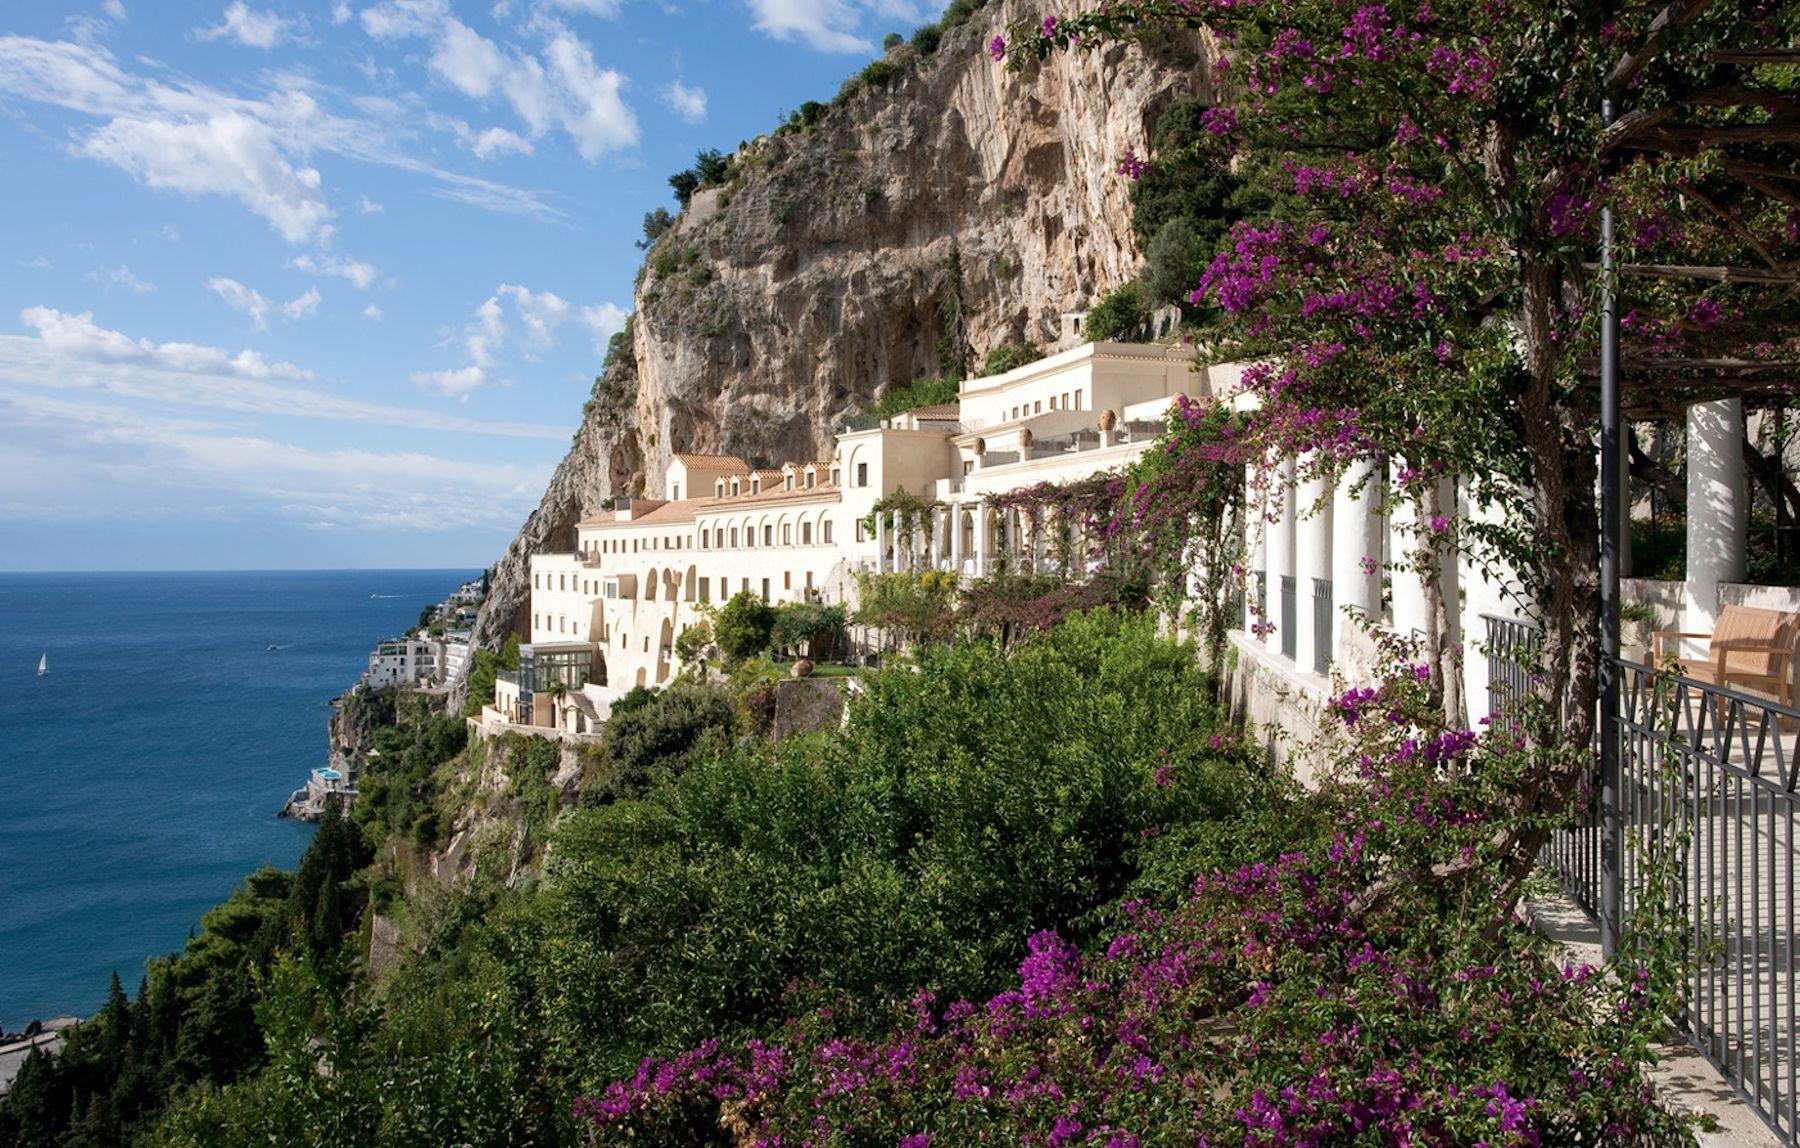 Hotel de luxe c te amalfitaine grand hotel convento amalfi for Convento di amalfi